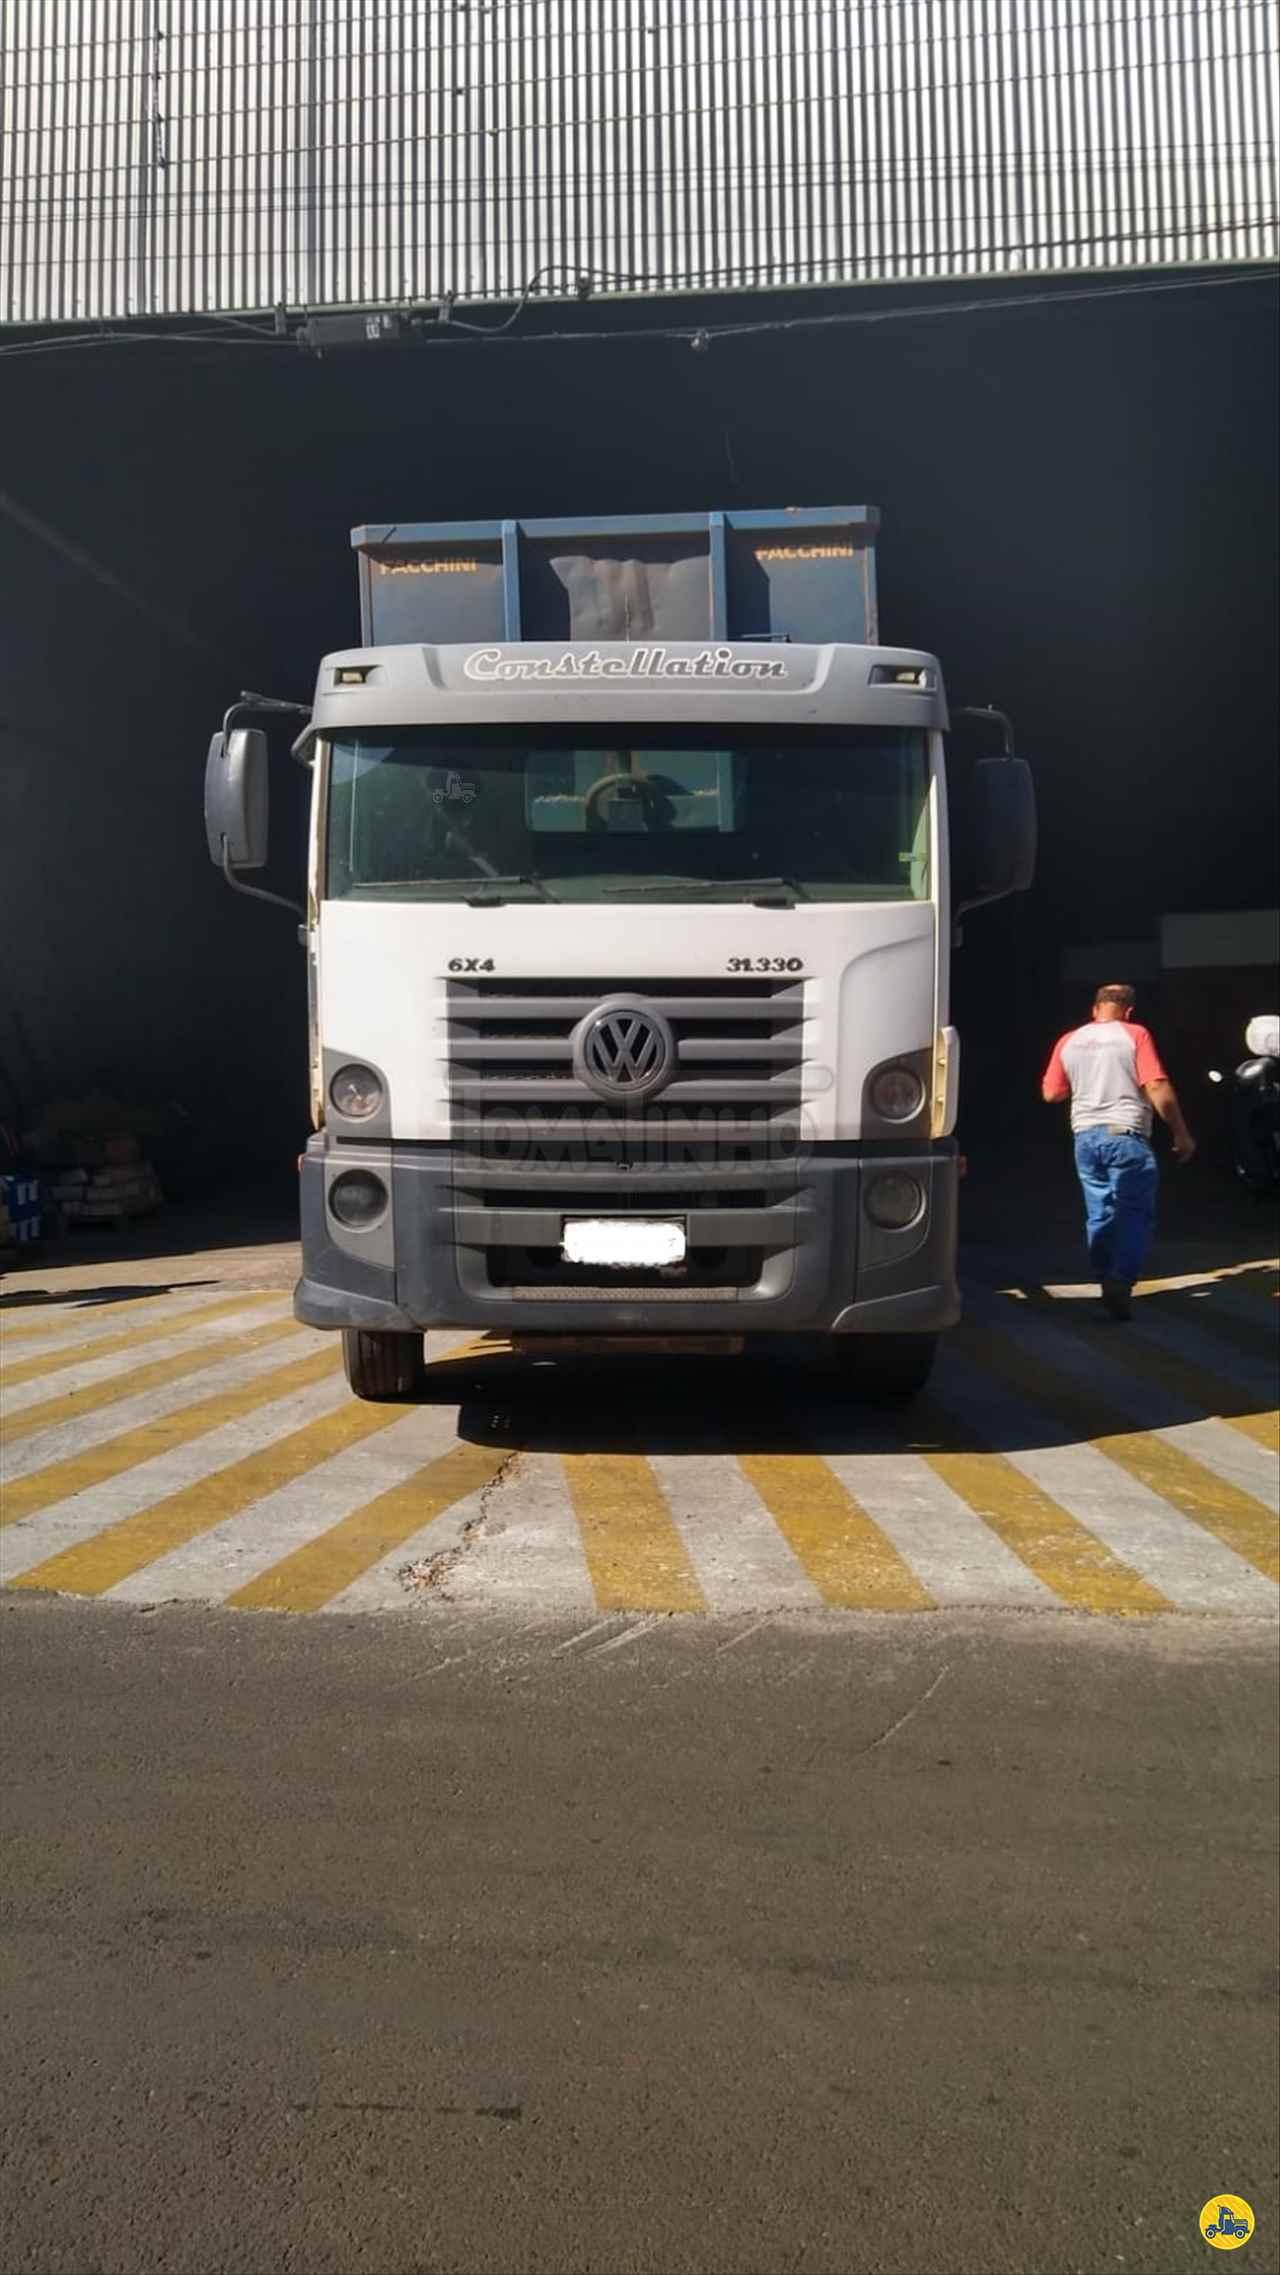 CAMINHAO VOLKSWAGEN VW 31330 Caçamba Basculante Traçado 6x4 Tomatinho Caminhões BAURU SÃO PAULO SP